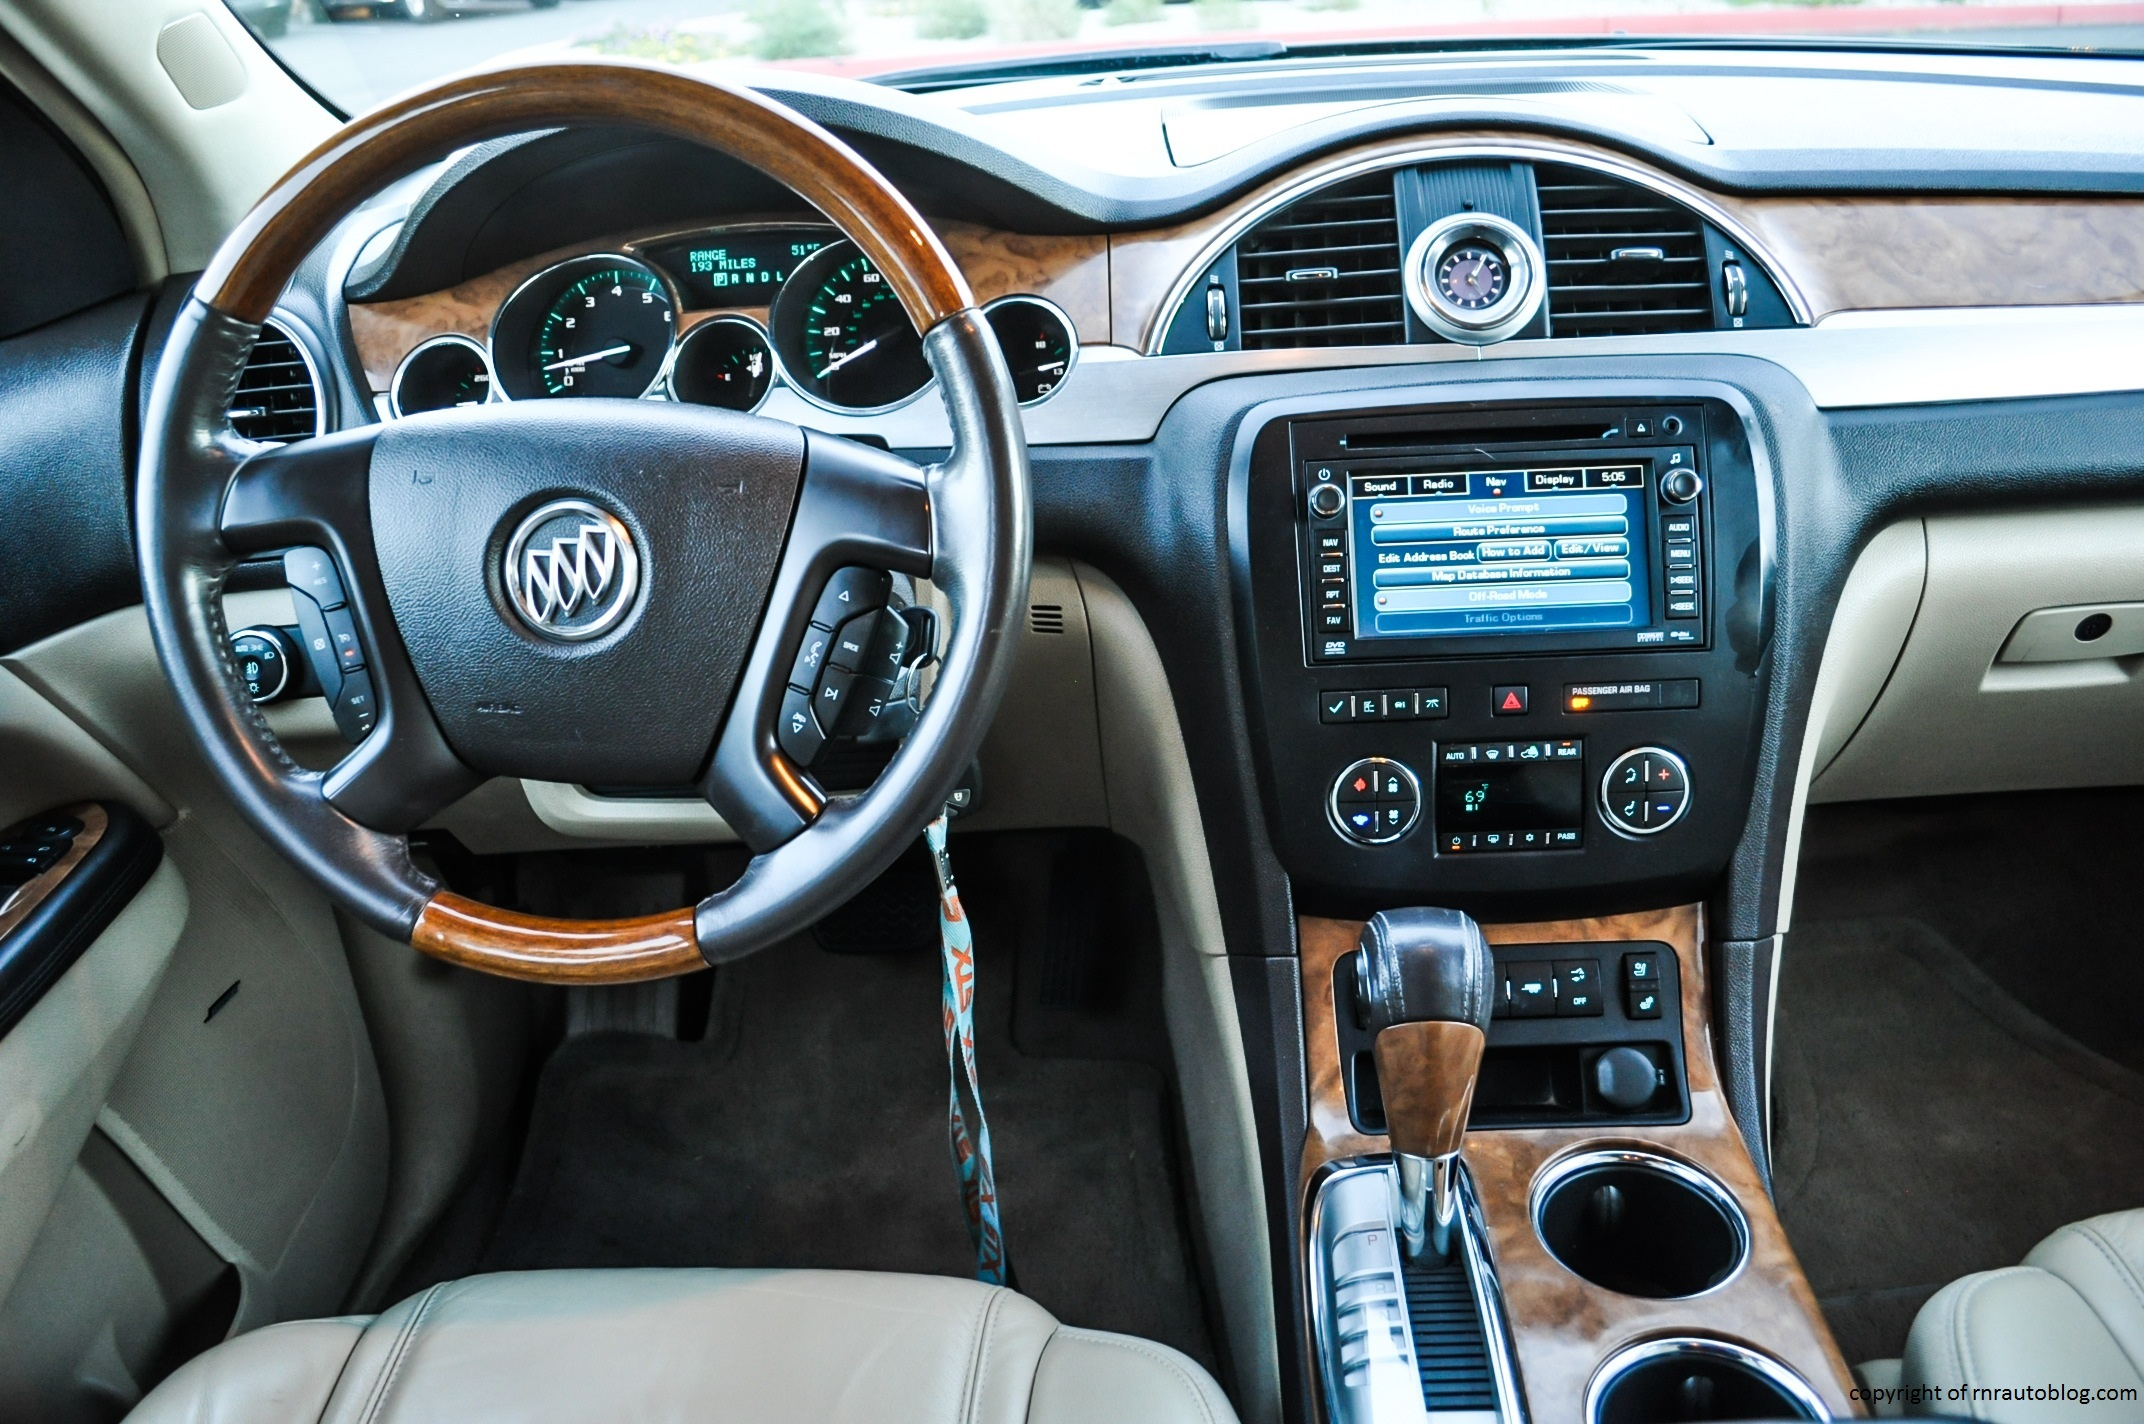 2008 buick enclave cxl review rnr automotive blog for Buick enclave interior pictures